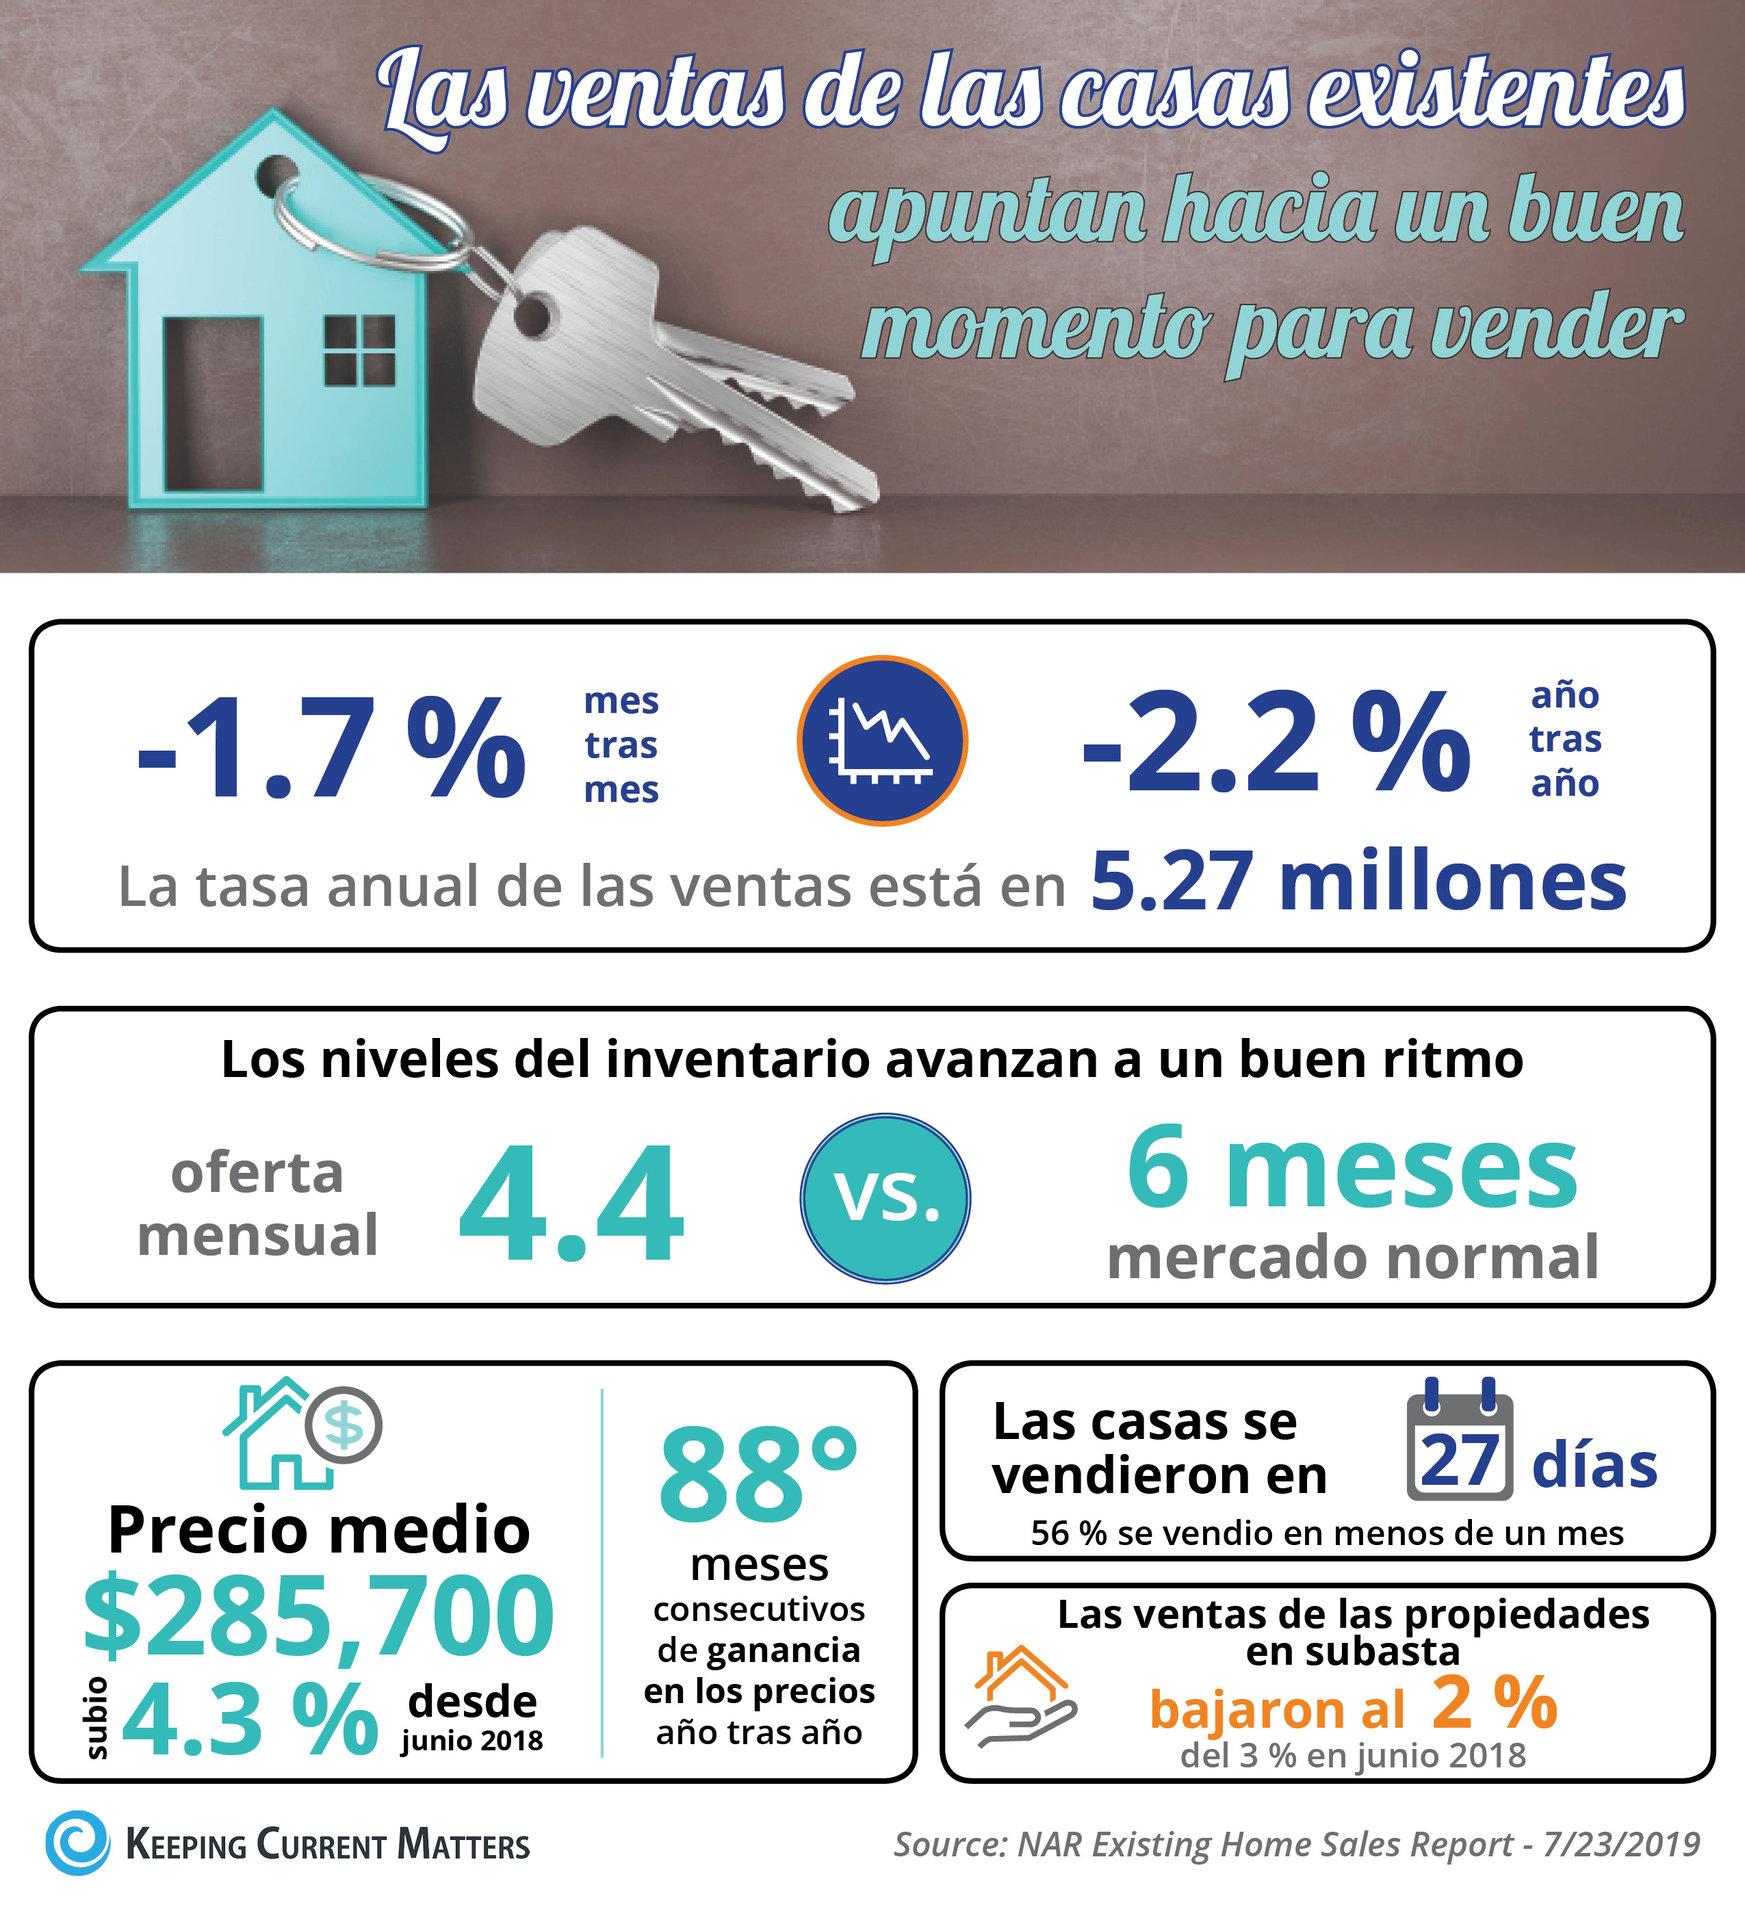 Las ventas de las casas existentes apuntan hacia un buen momento para vender [infografía] | Keeping Current Matters